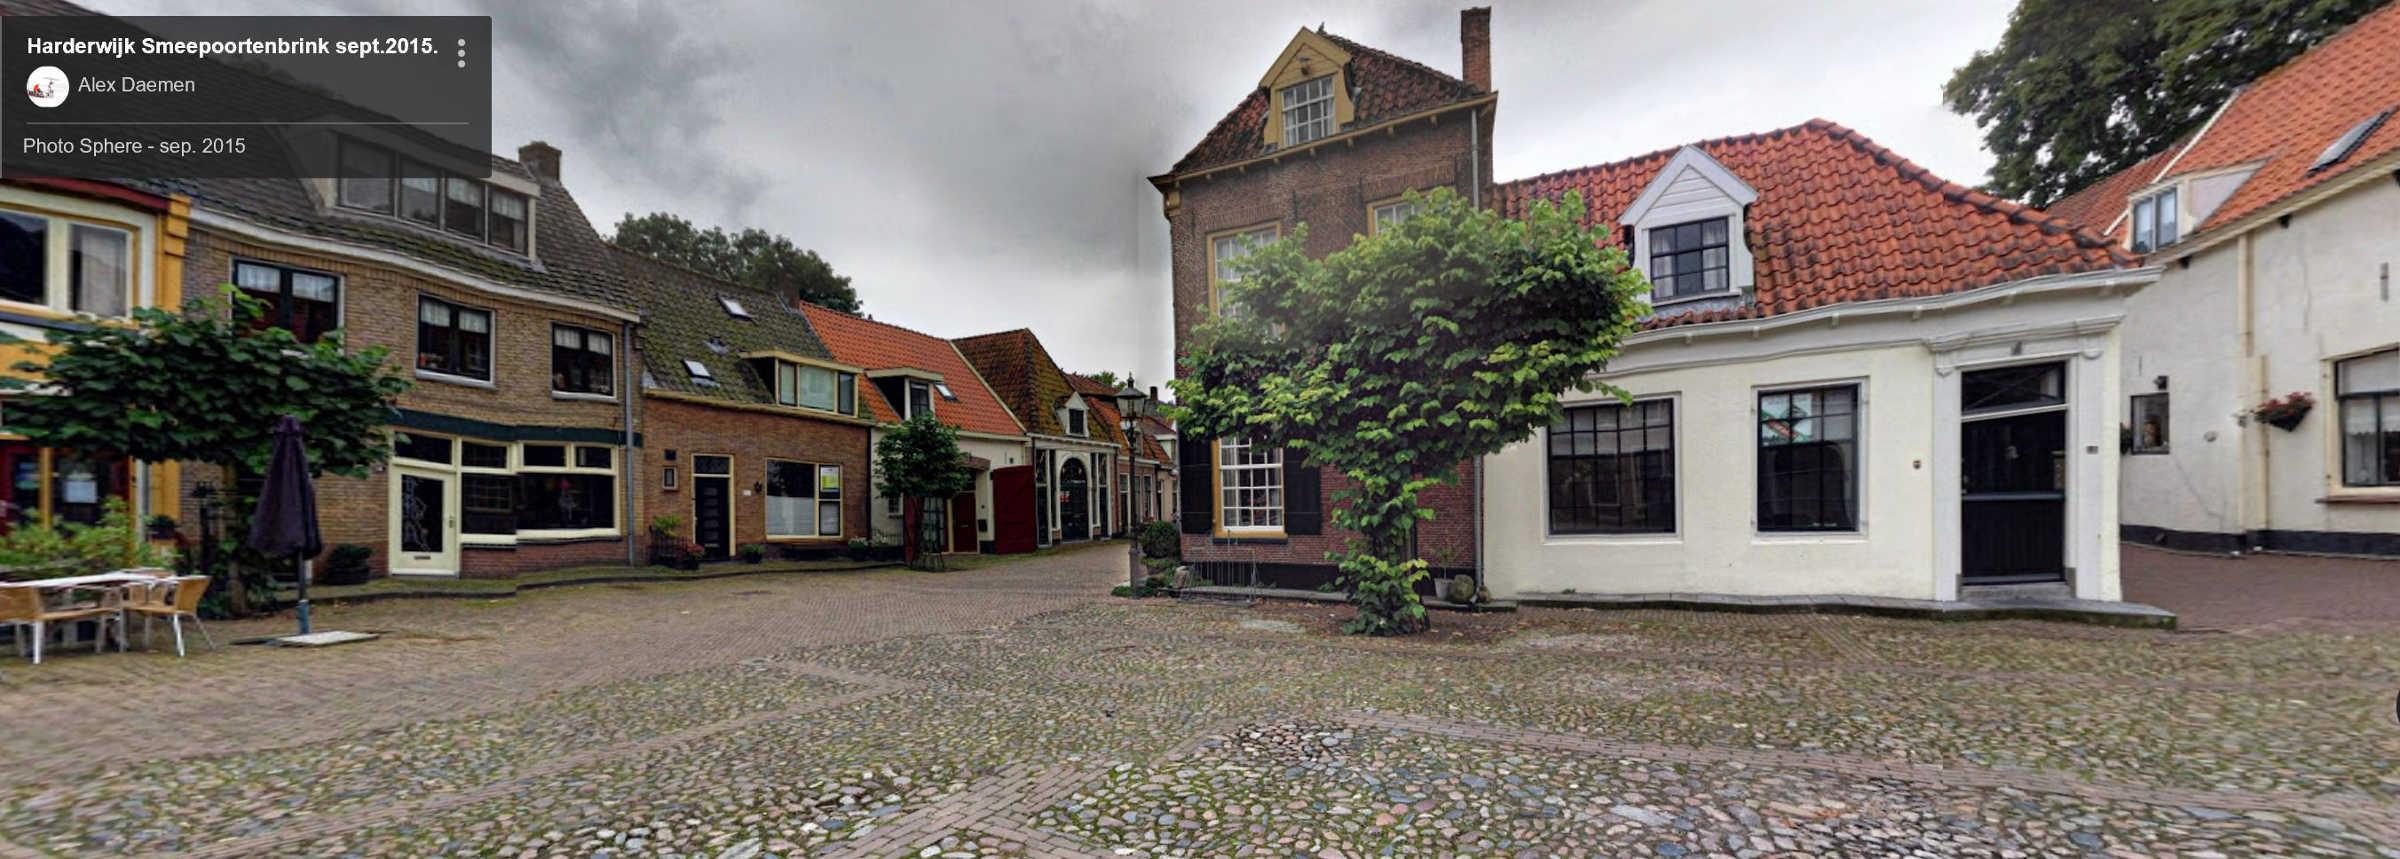 harderwijk_stadsmuseum